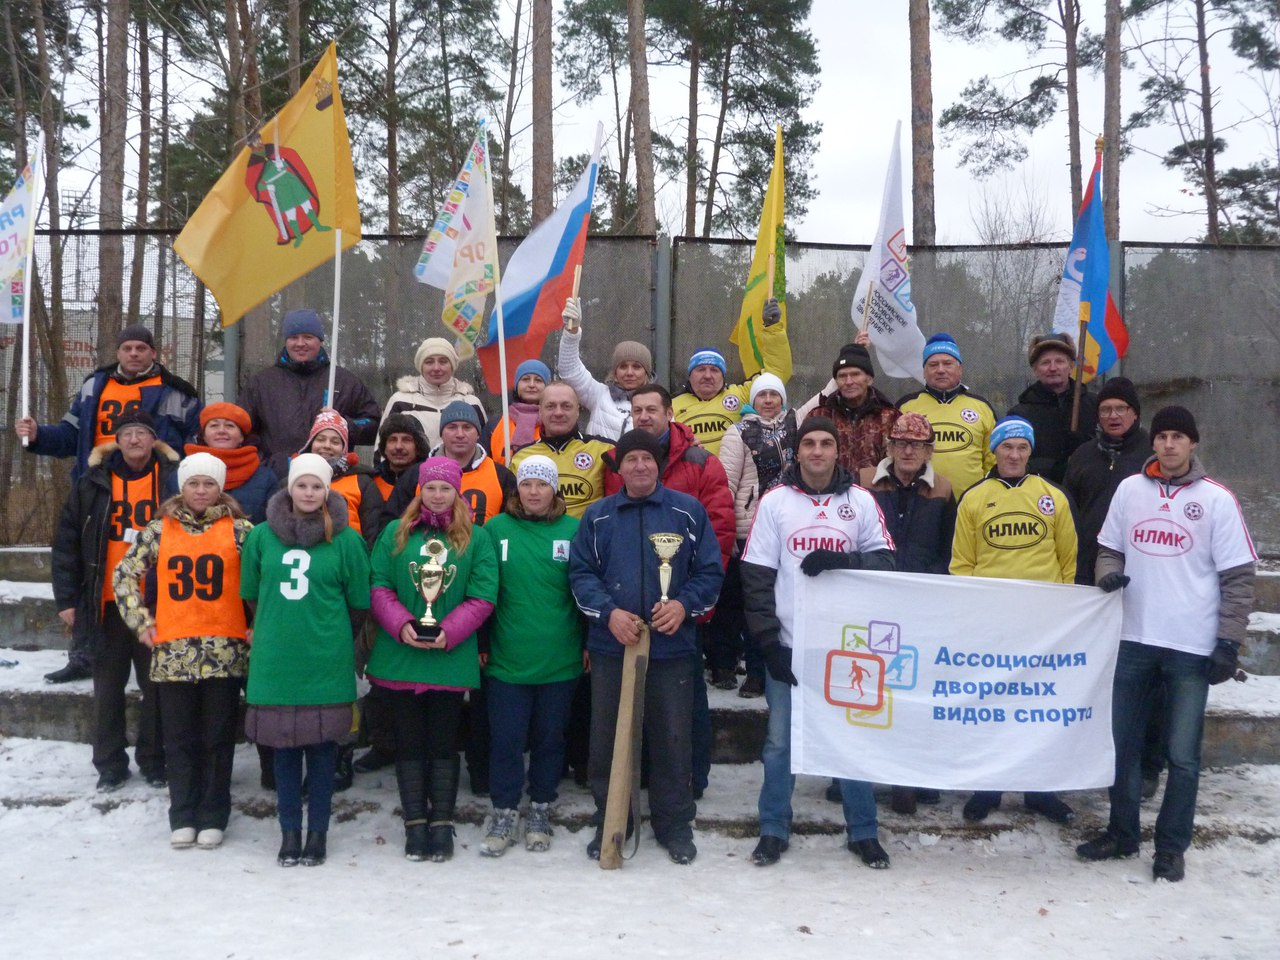 В матчевой встрече Липецкой и Рязанской областей по дворовому социальному спорту победили рязанцы